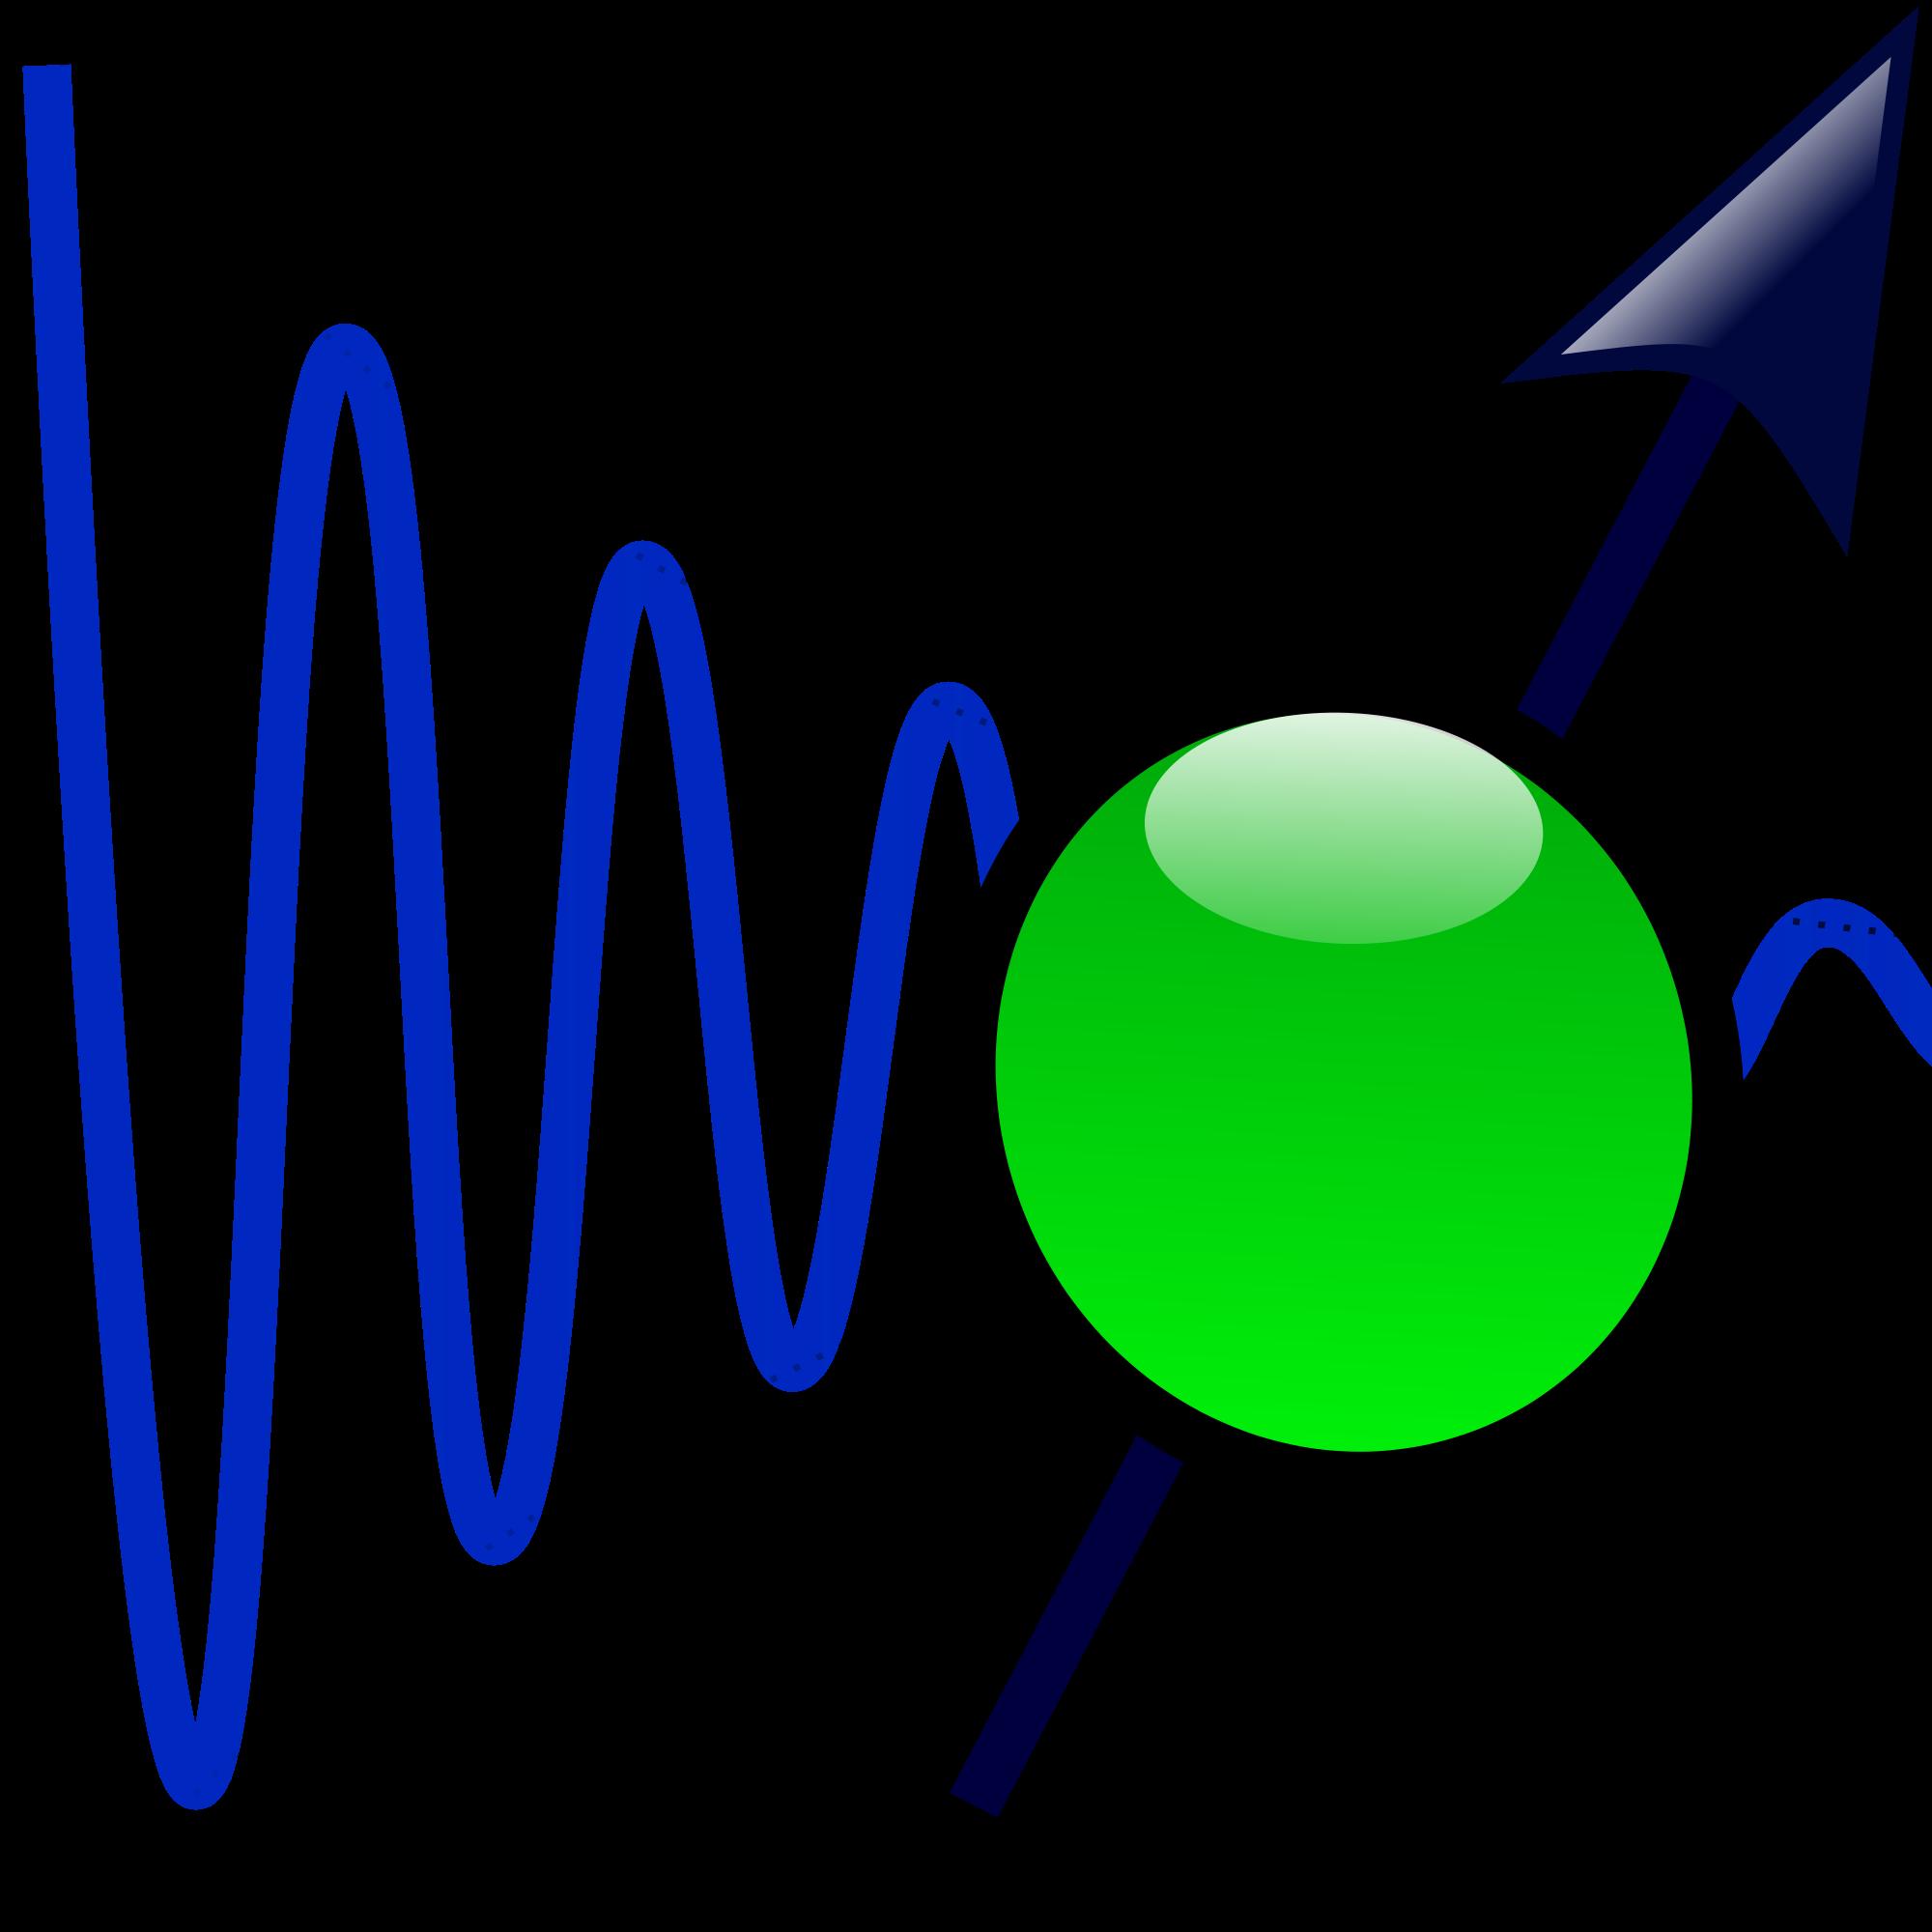 File logo svg wikimedia. Physics clipart physics laboratory